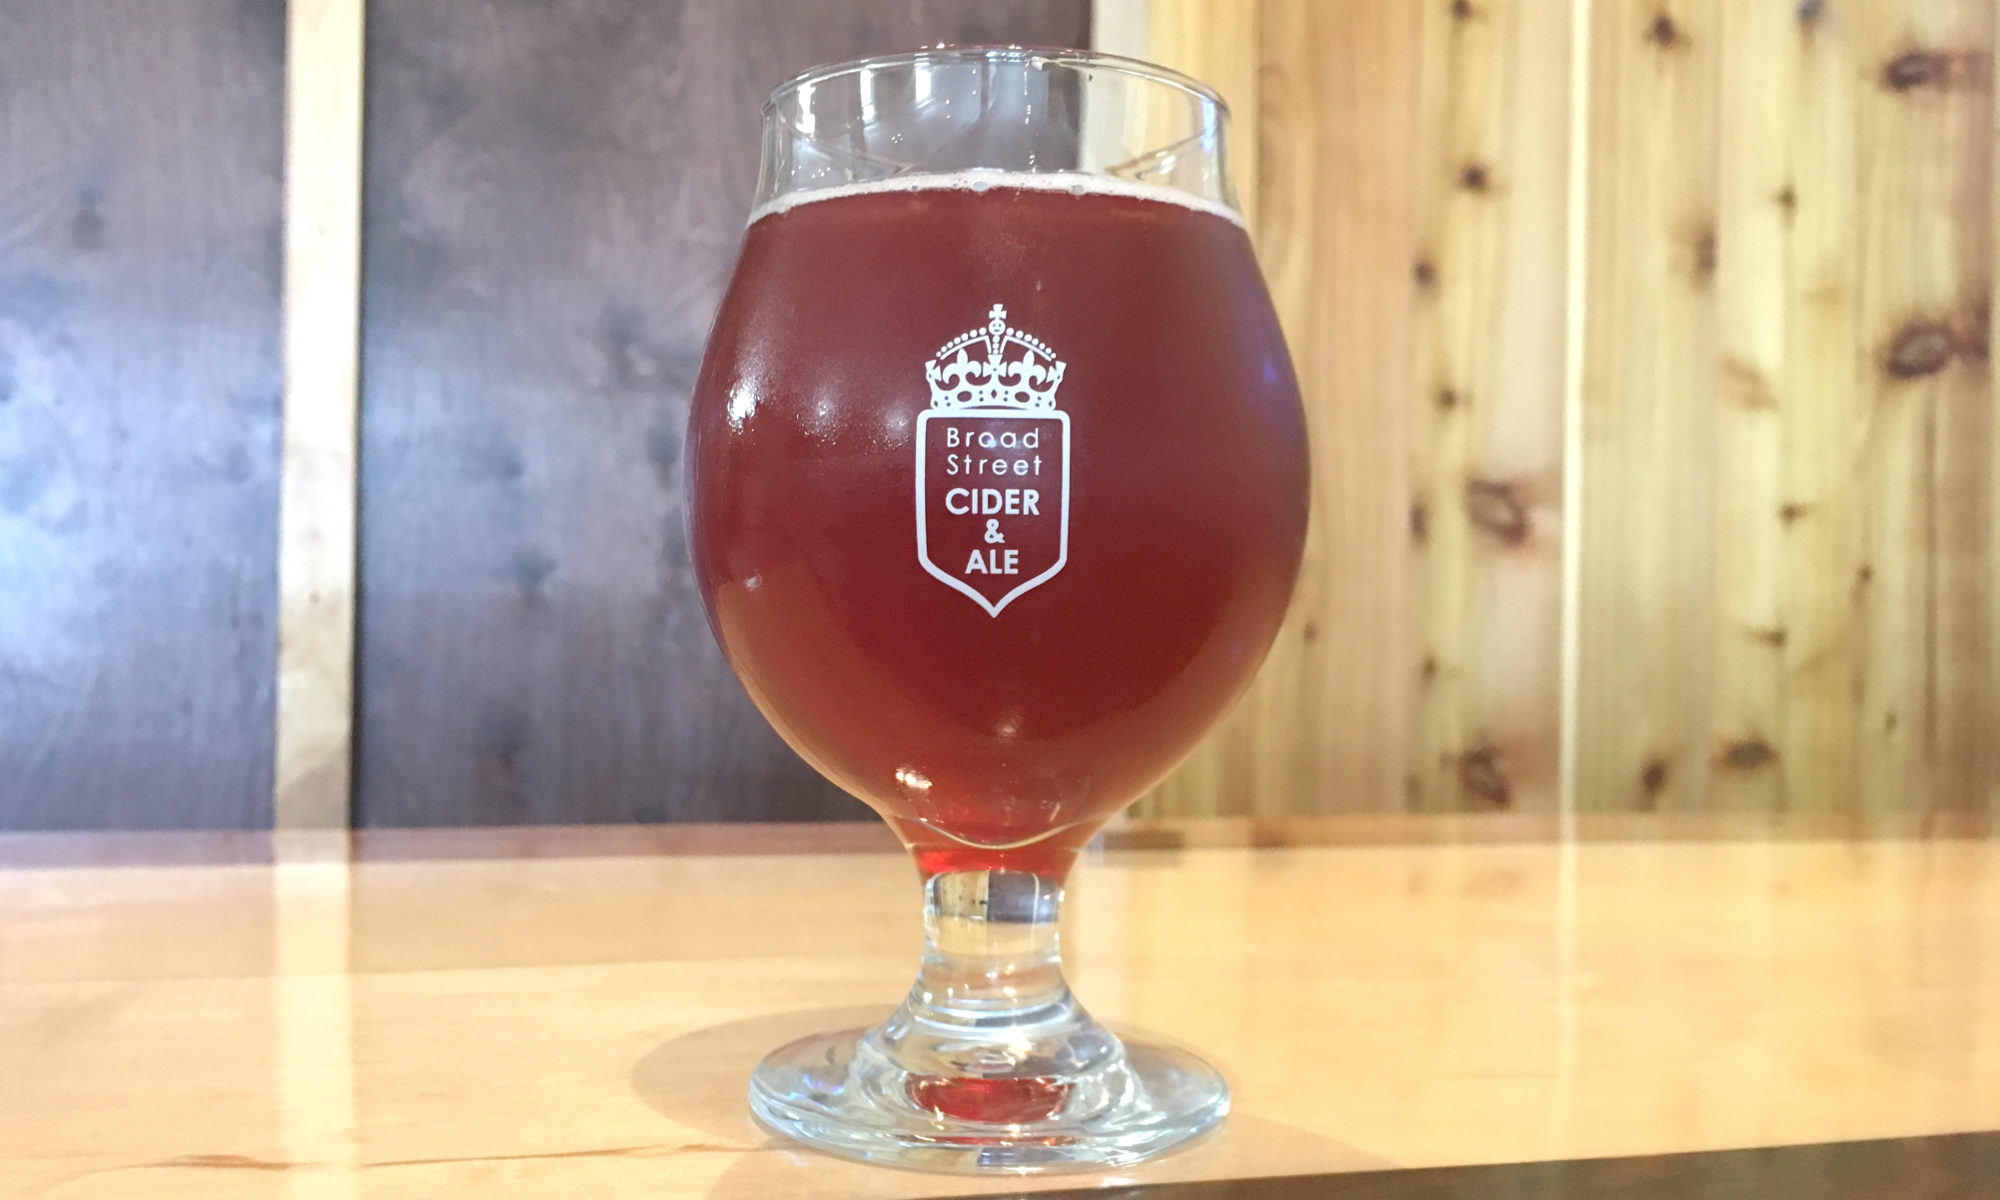 Broad Street Cider & Ale